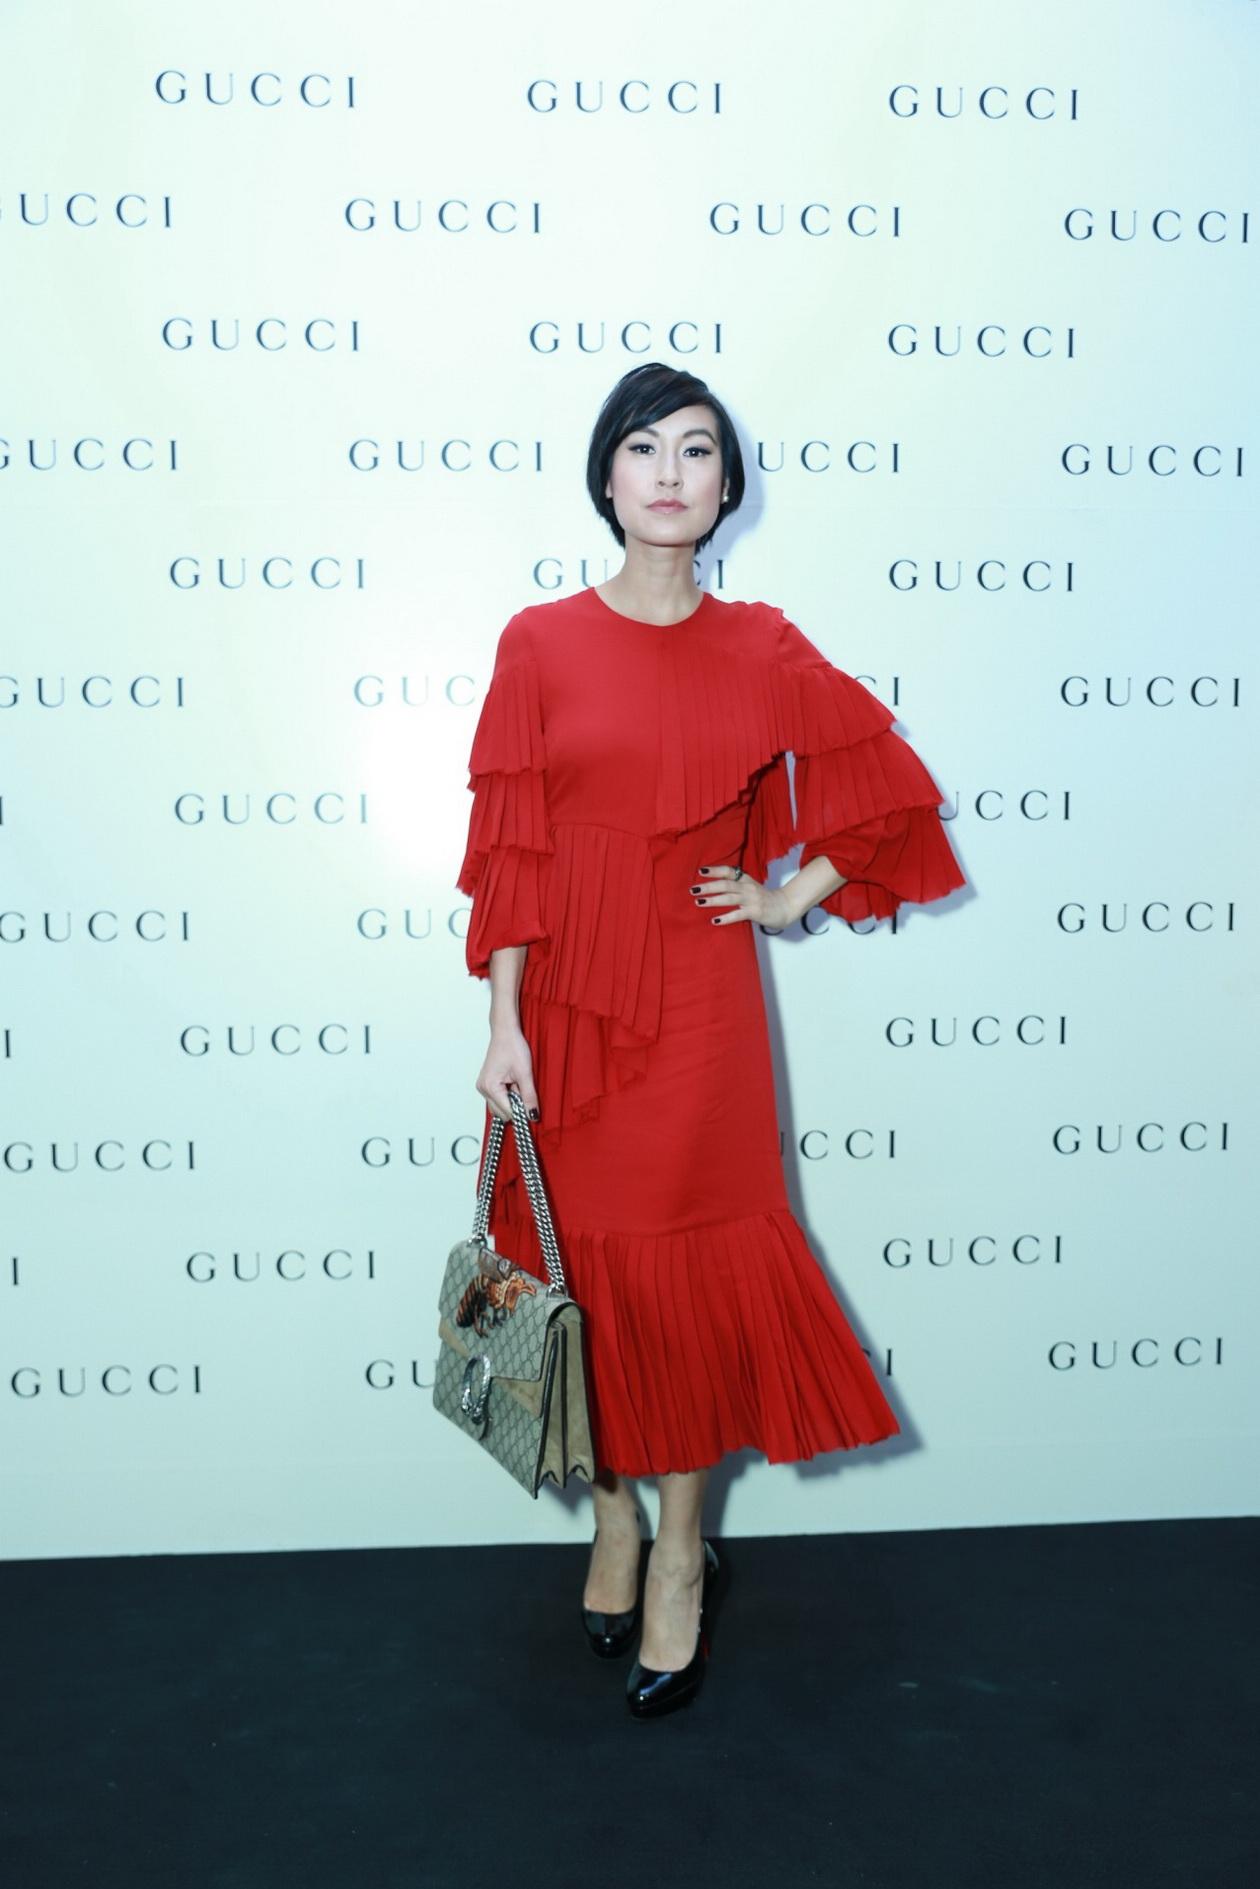 Gucci chinh thuc khai truong va ra mat BST moi (2)